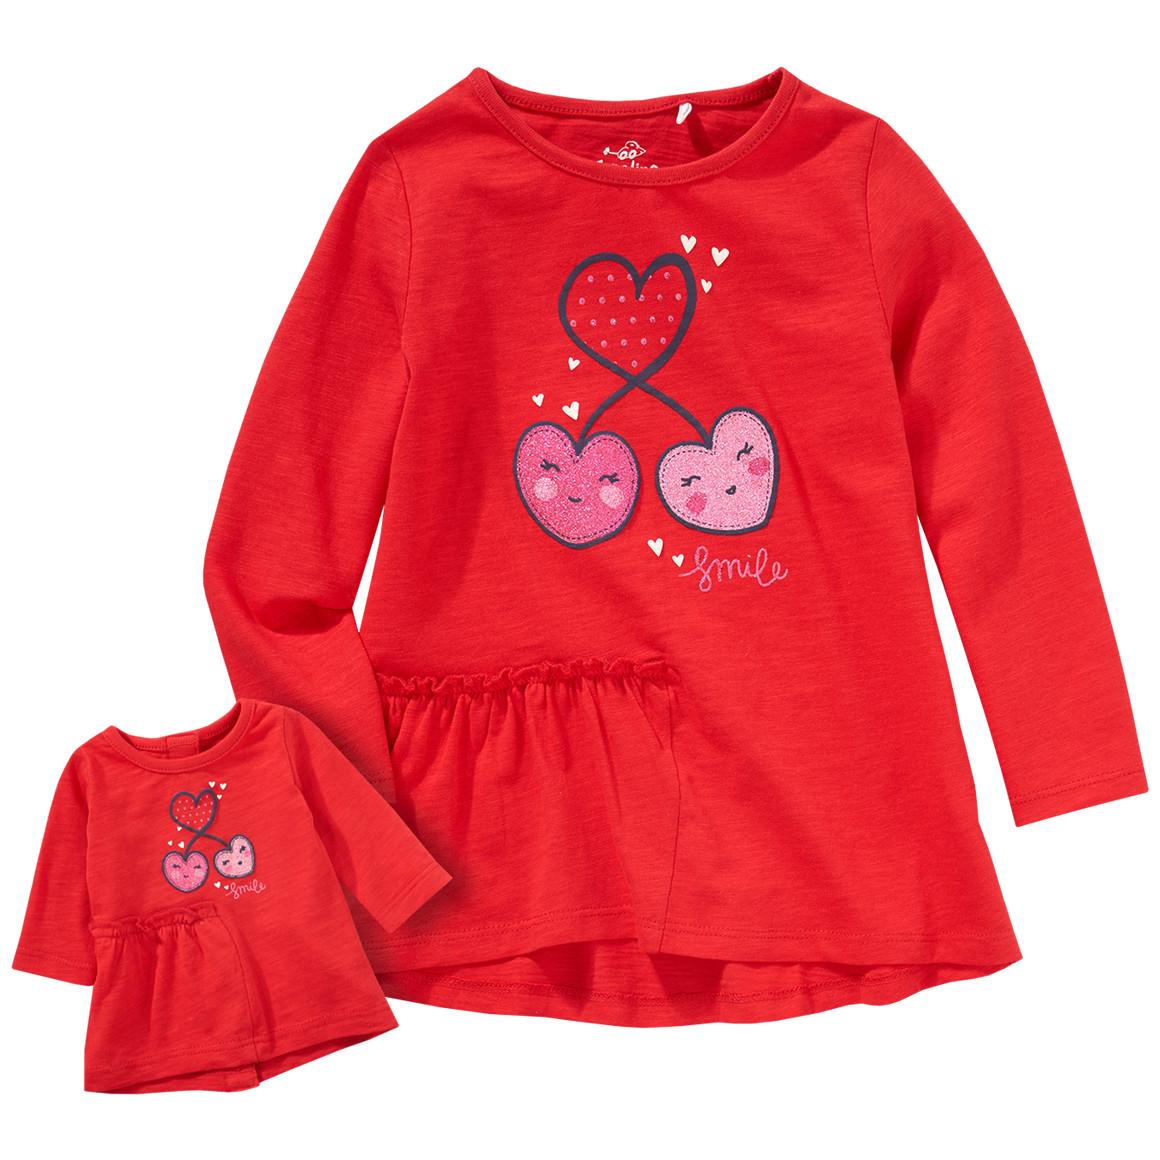 Minigirloberteile - Mädchen Langarmshirt und Puppen Shirt im Set - Onlineshop Ernstings family